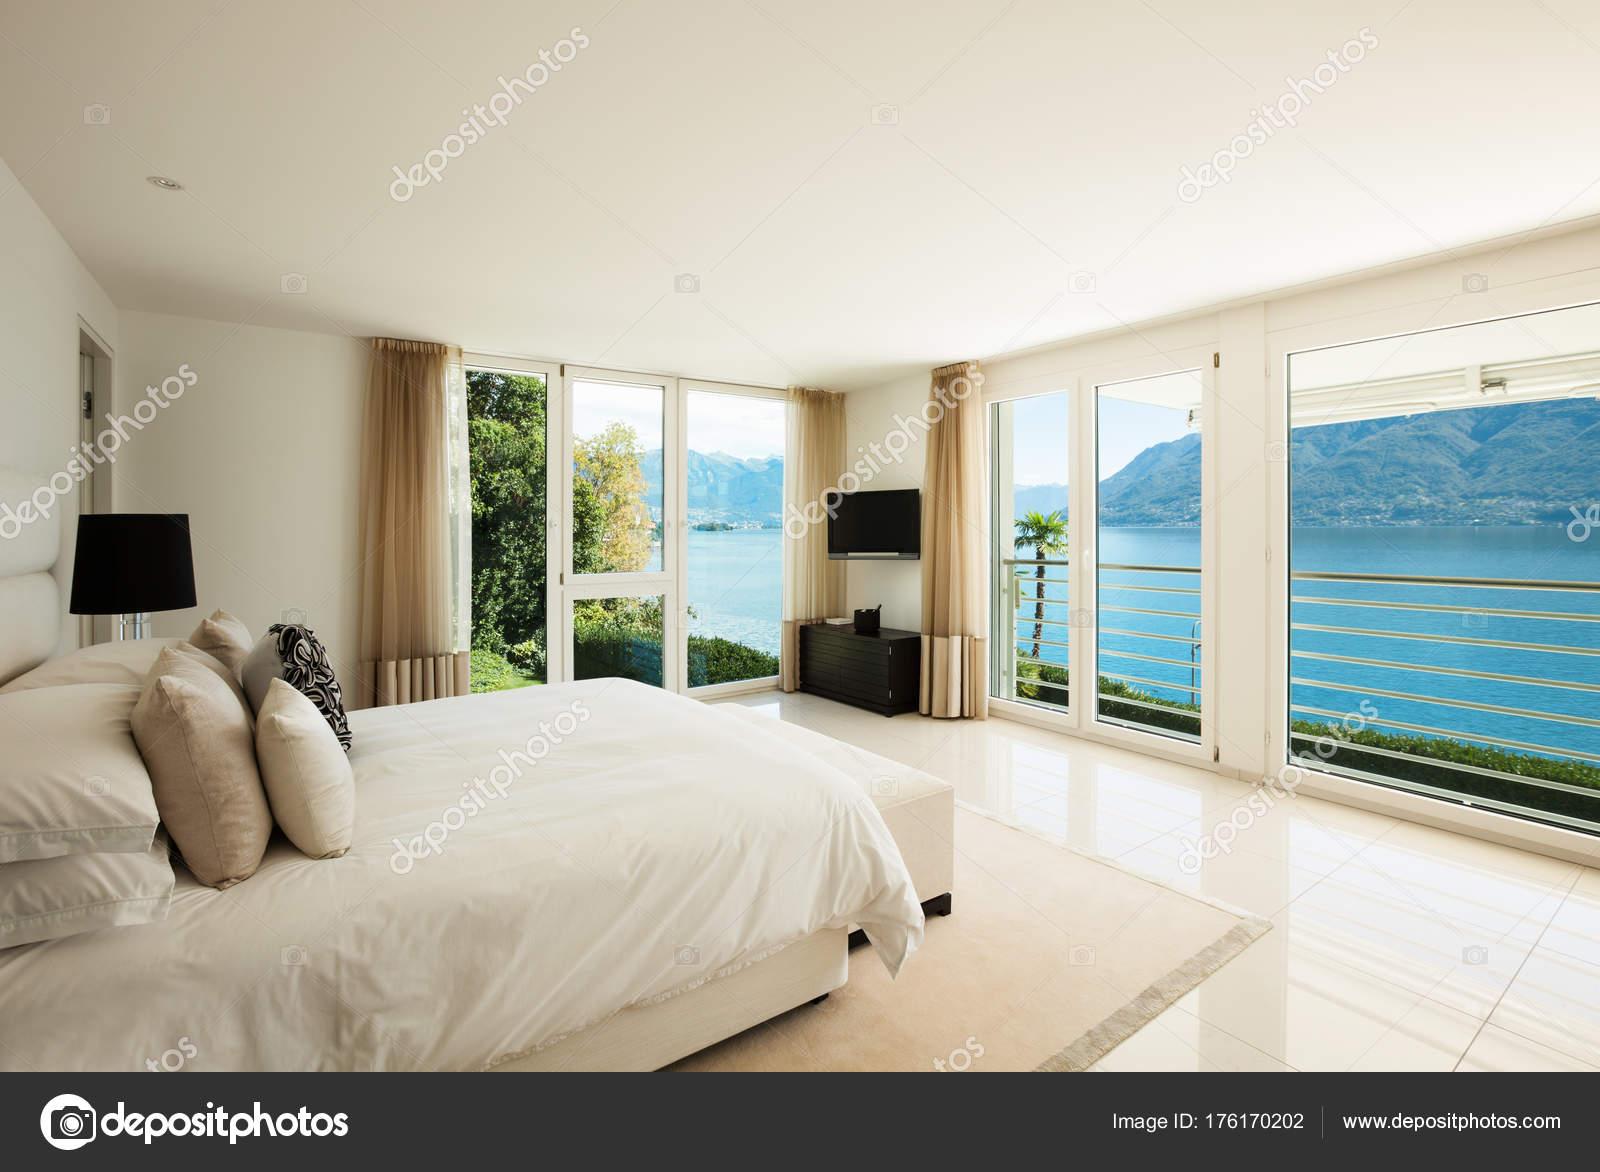 Moderne Innenarchitektur, Schlafzimmer — Stockfoto © Zveiger #176170202